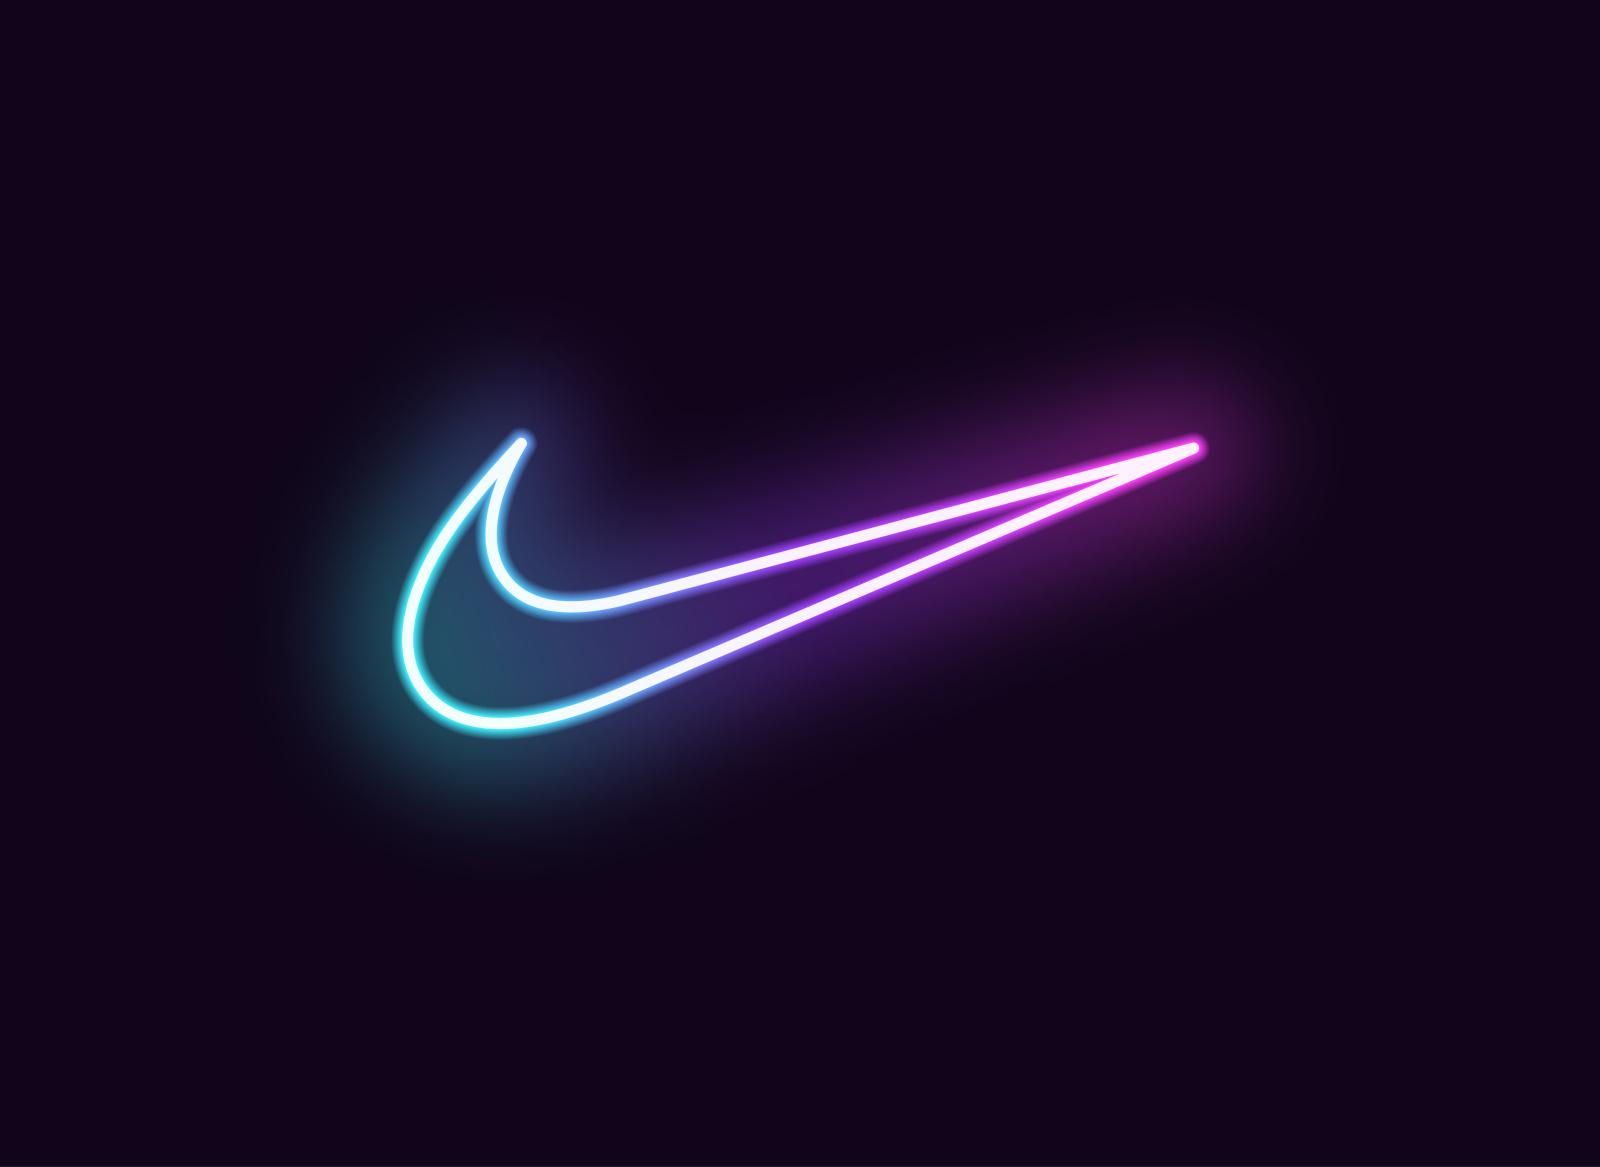 W prostocie tkwi siła – marketingowa moc hasła reklamowego Nike